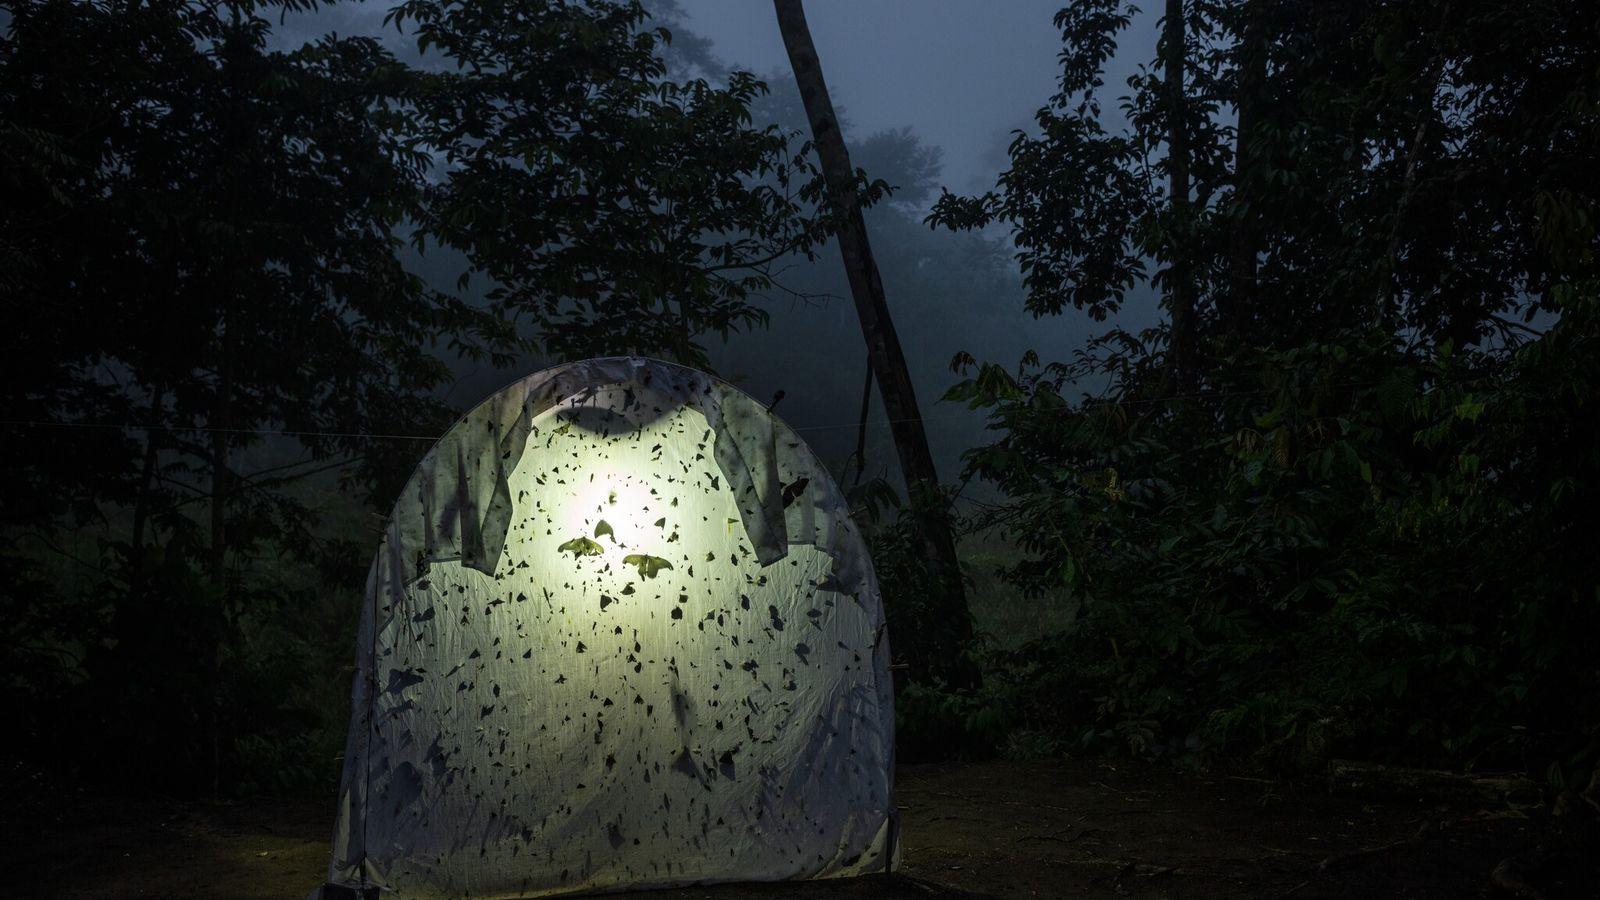 Insectos voladores nocturnos se acumulan en una sábana iluminada en una estación de investigación en Ecuador.